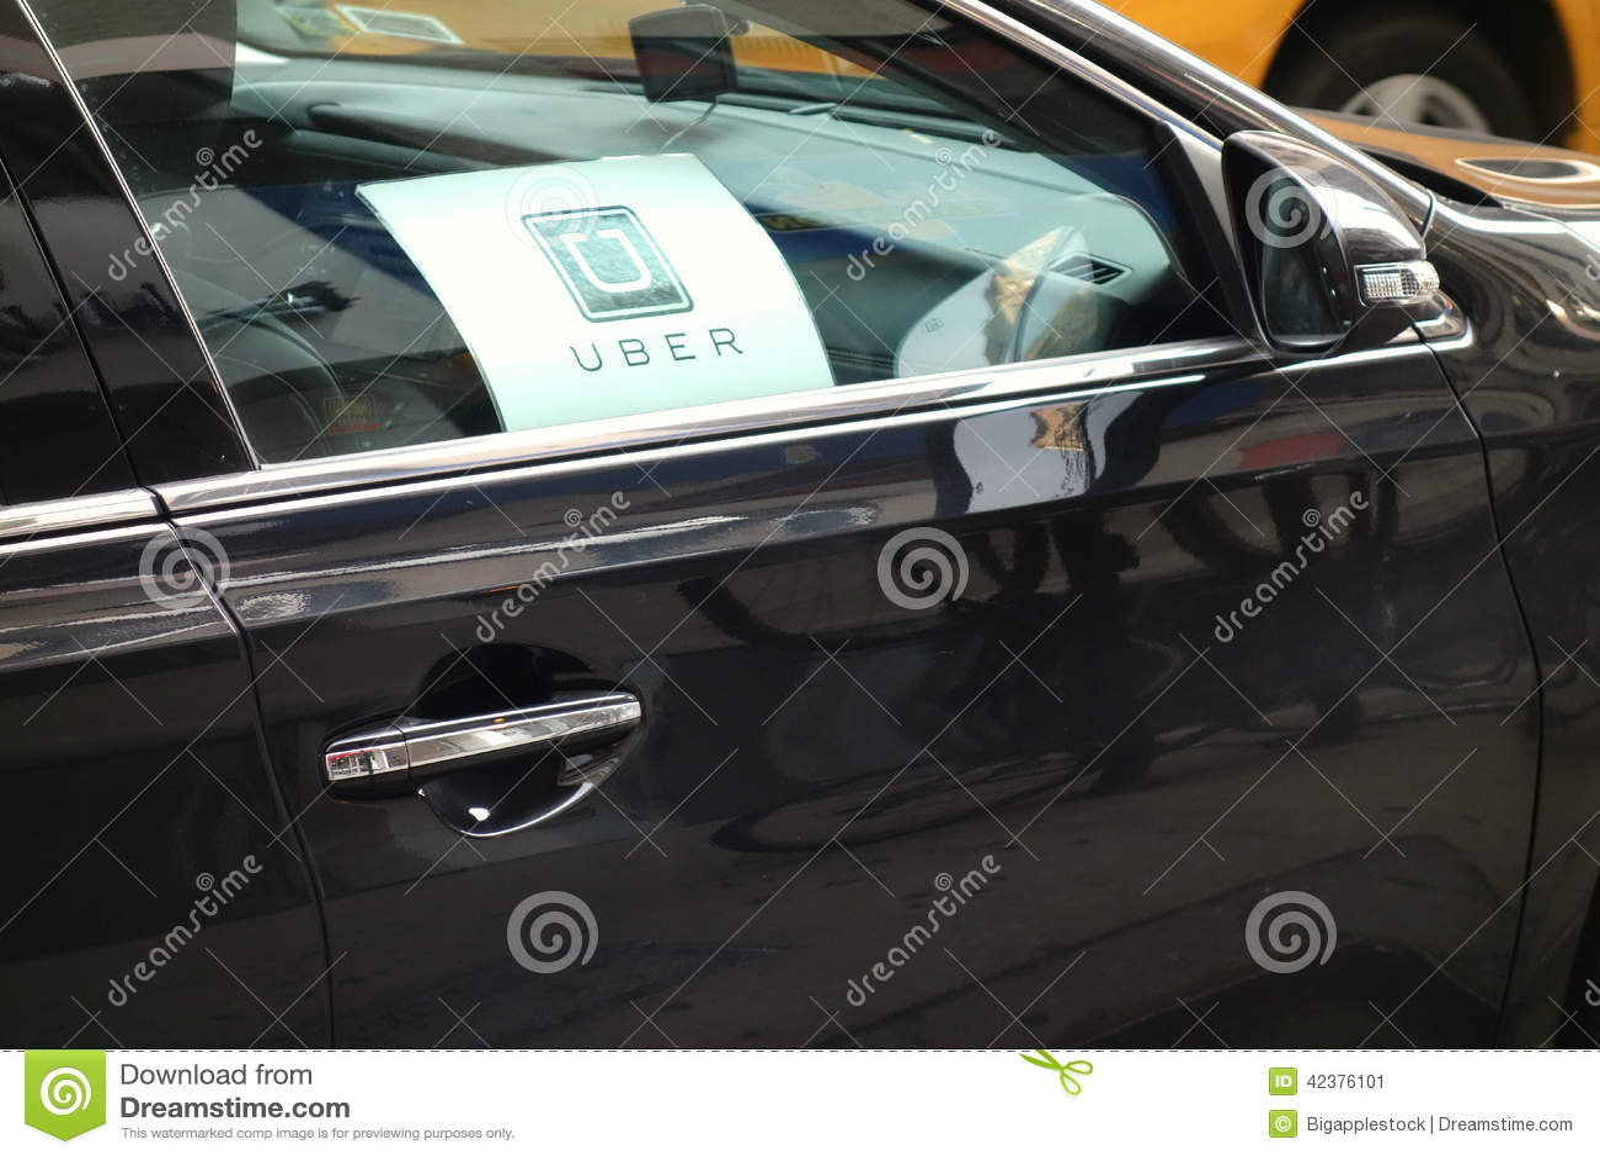 Uber bil